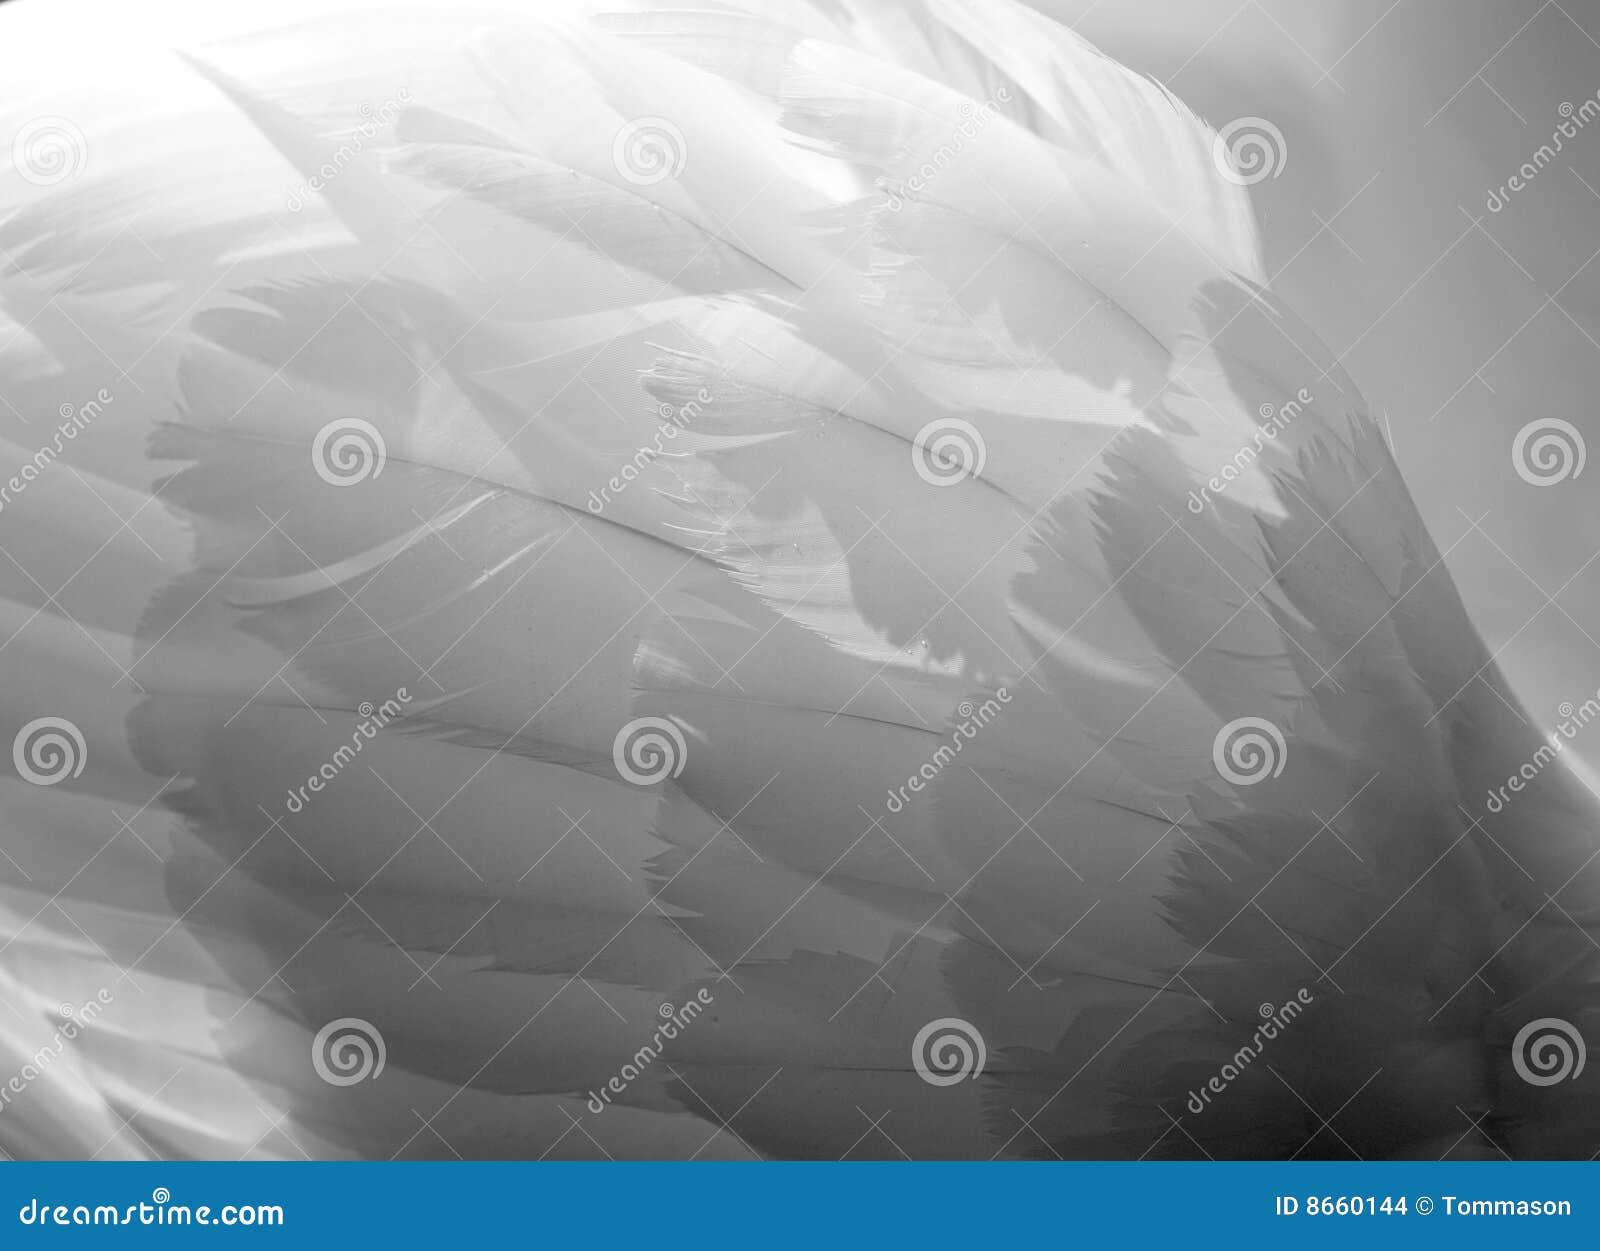 Ailes de cygnes